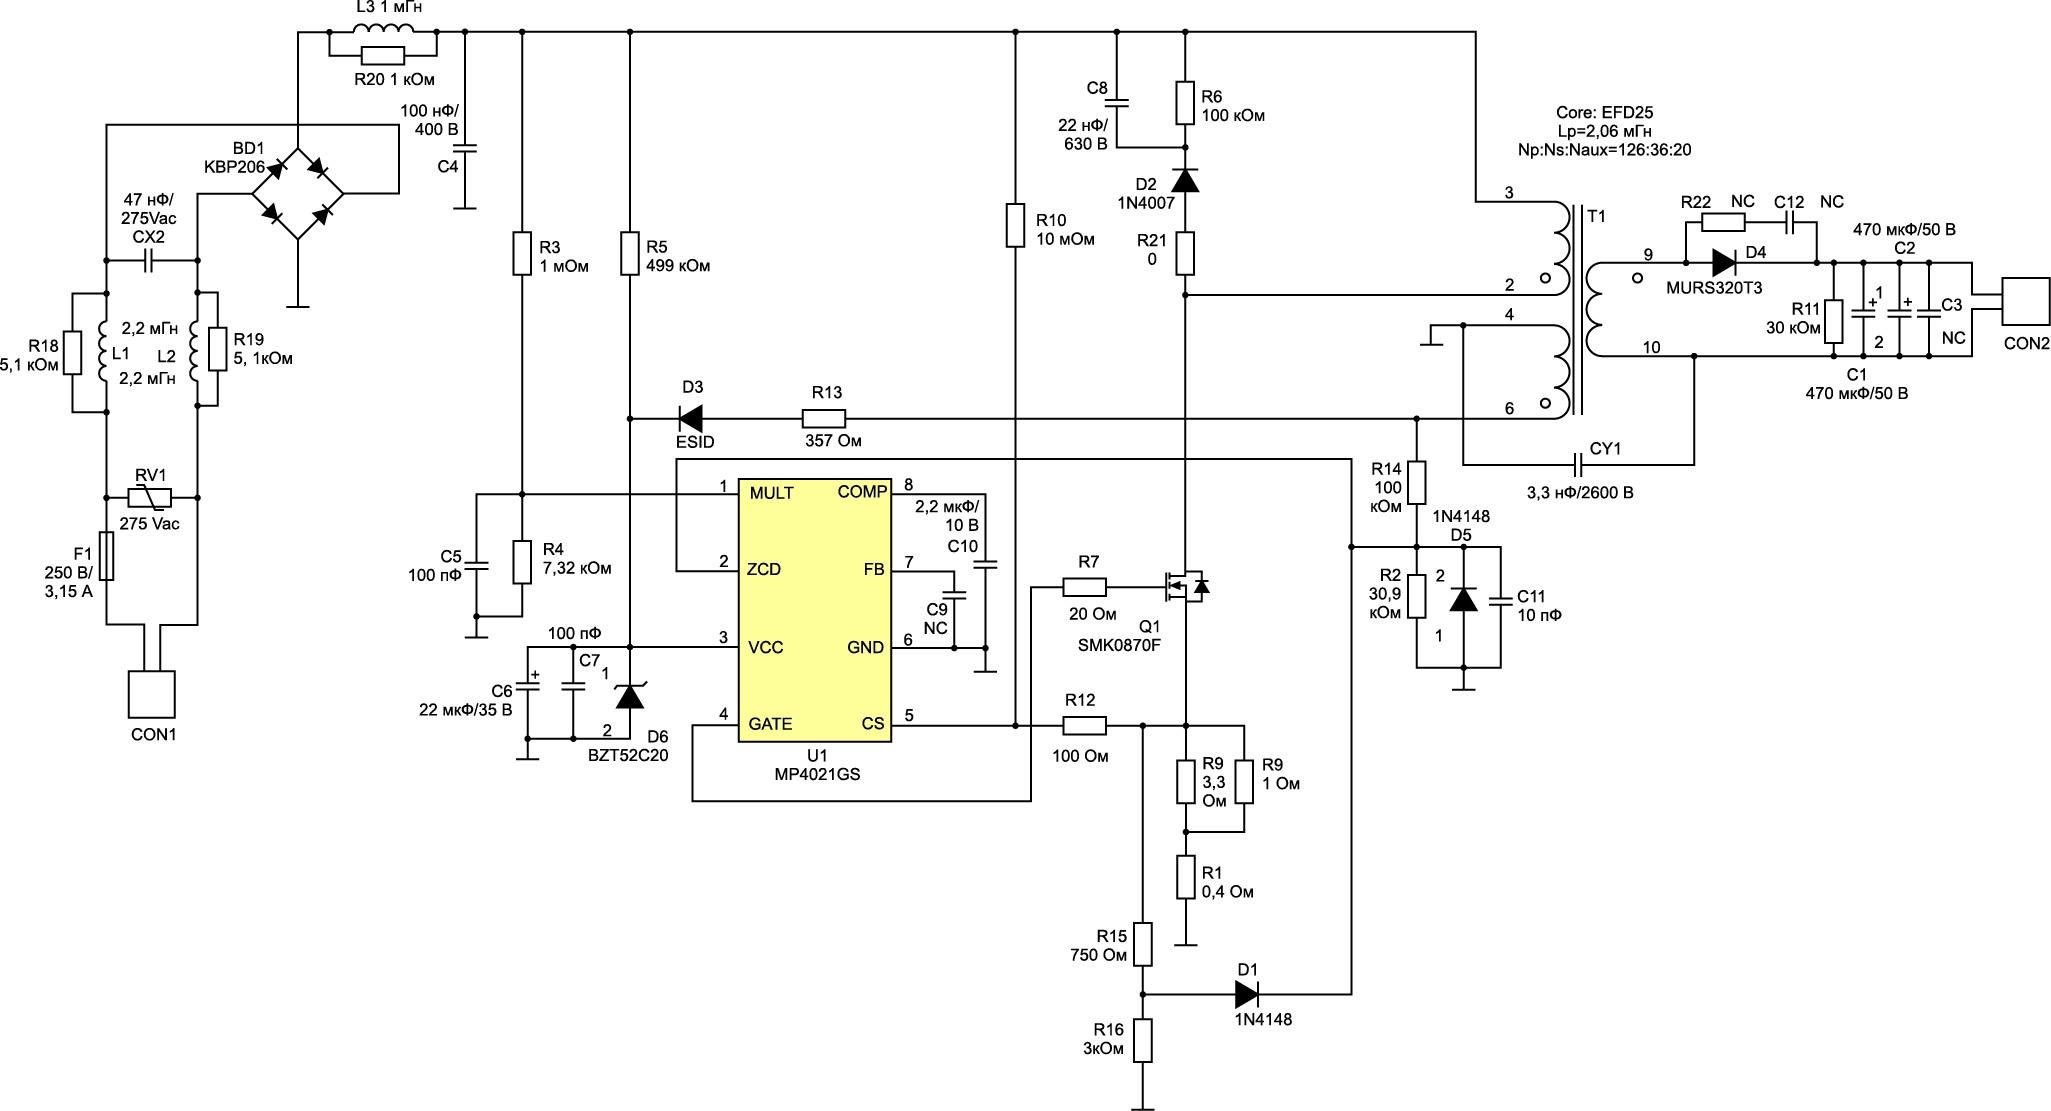 Принципиальная схема светодиодного драйвера для питания девяти светодиодов с рабочим током 500 мА на базе микросхемы MP4021A